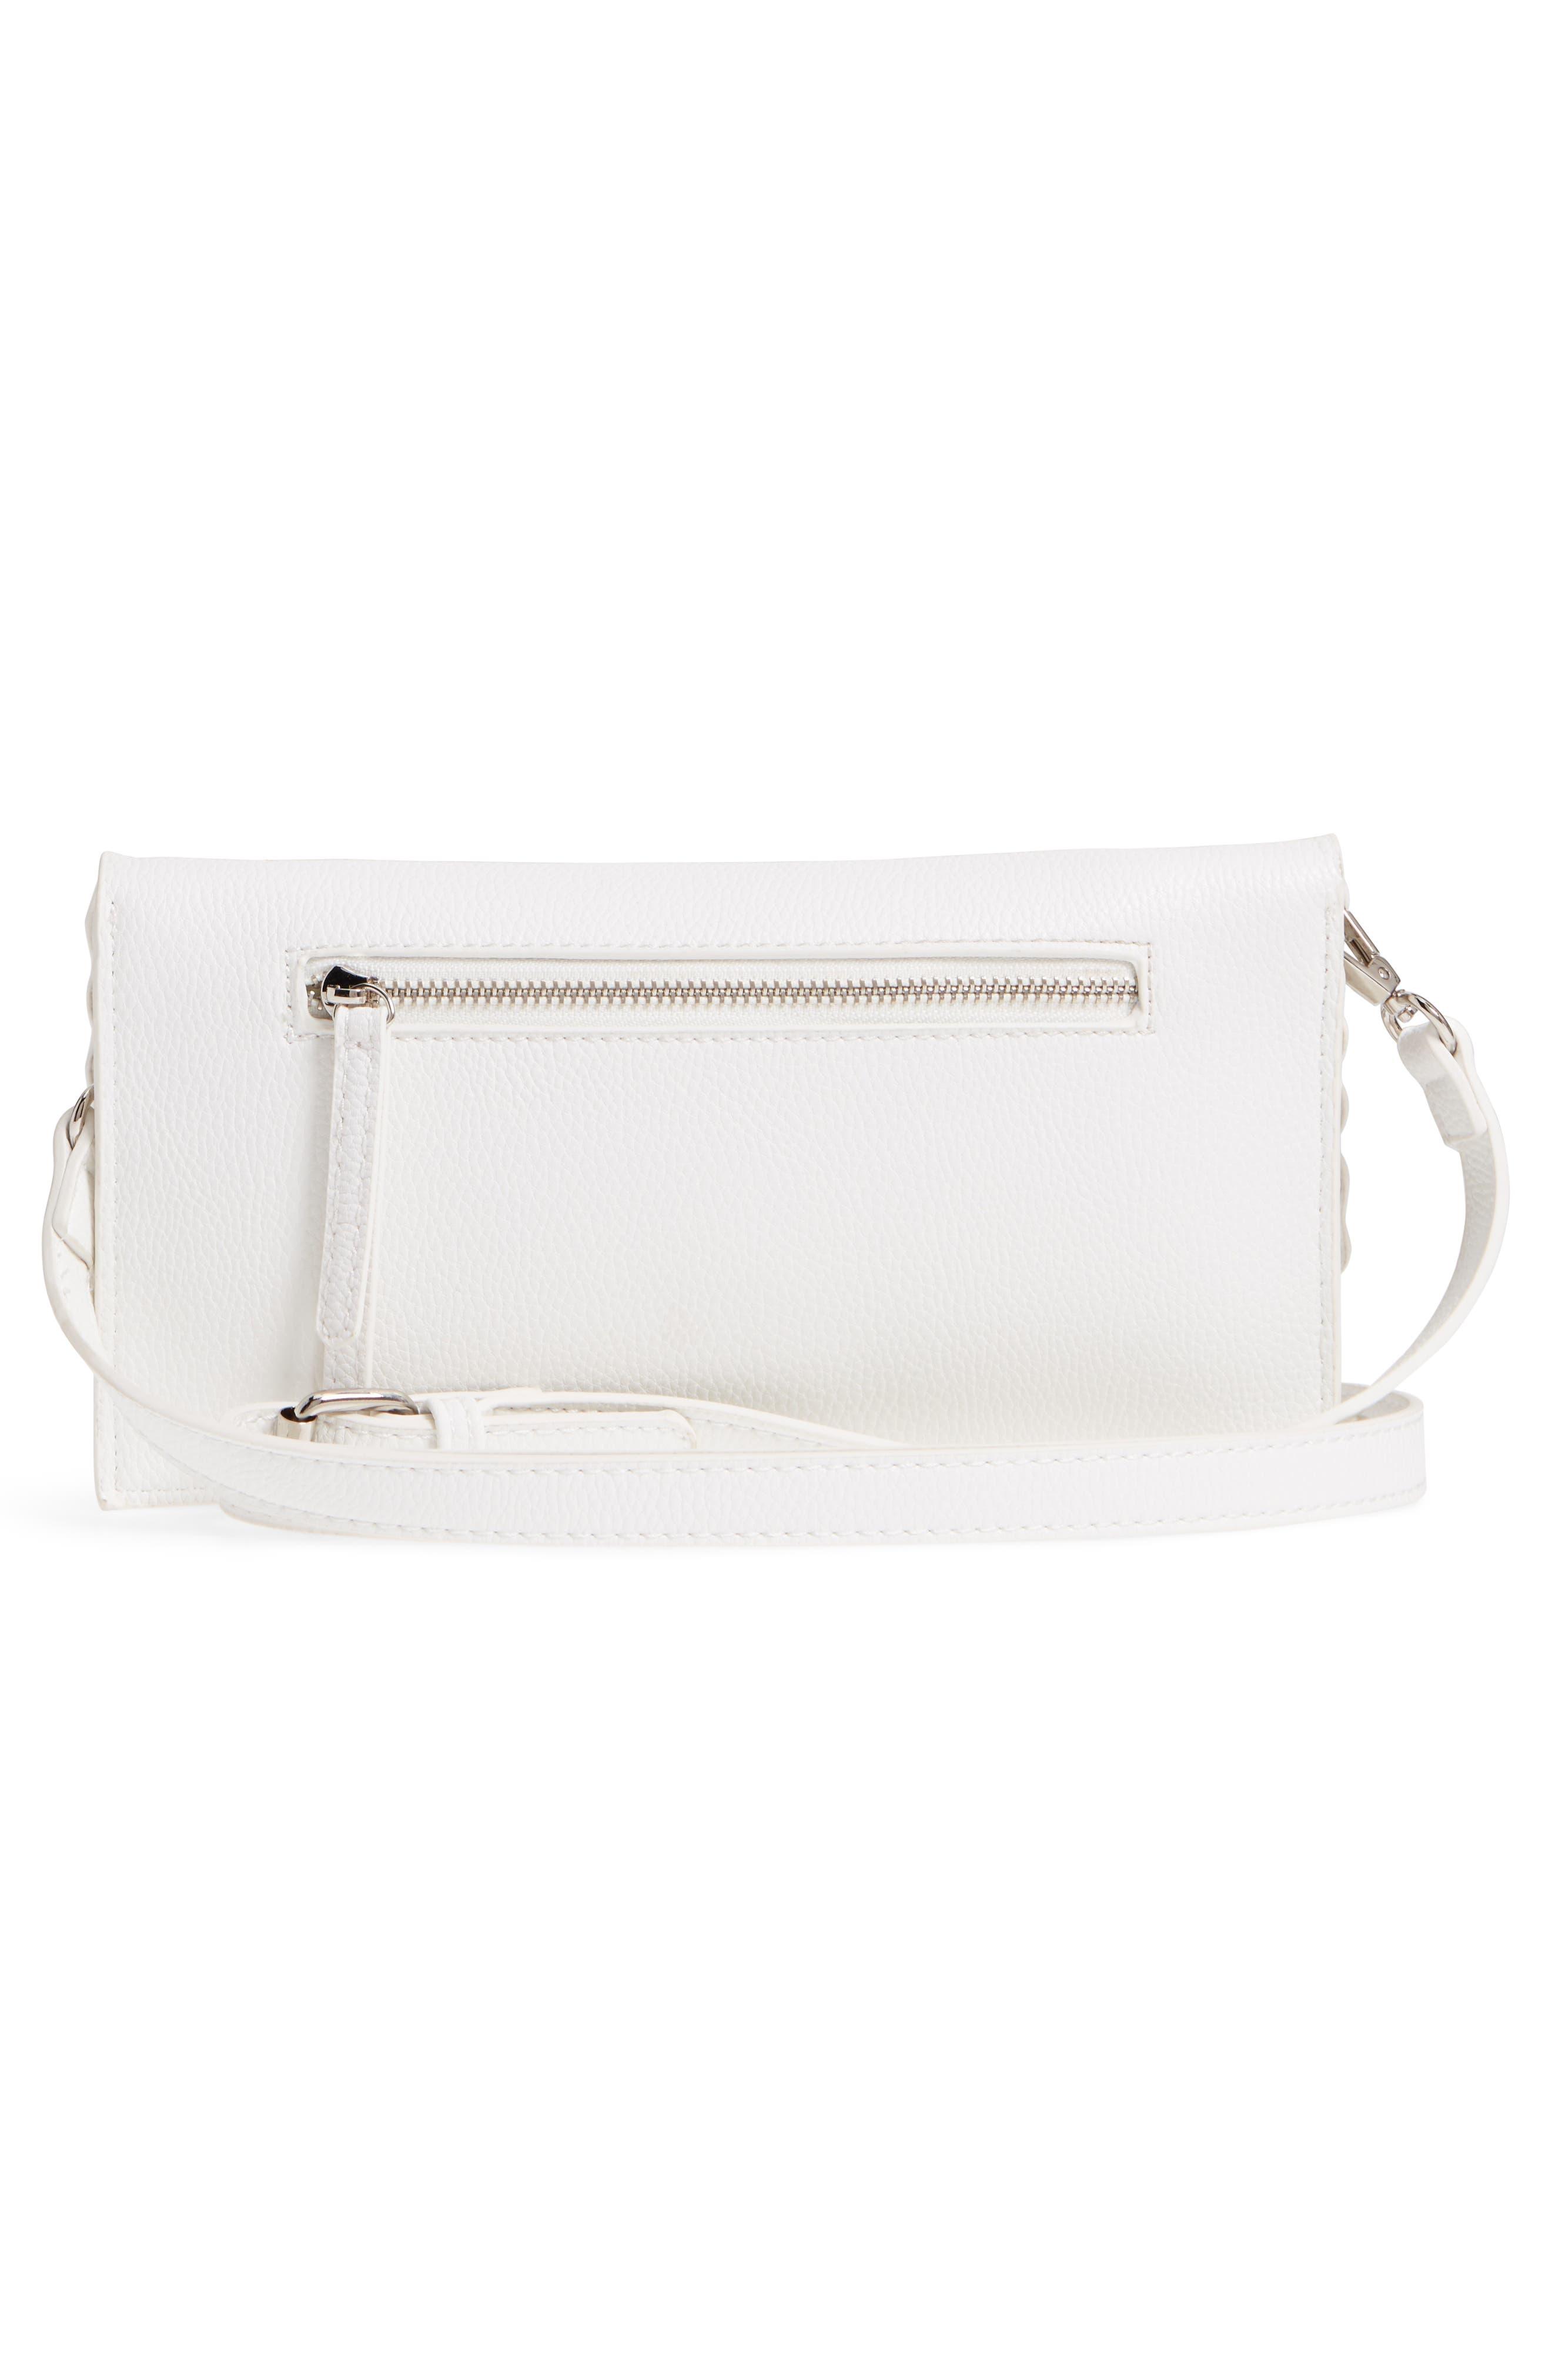 Grommet Convertible Crossbody Bag,                             Alternate thumbnail 3, color,                             White